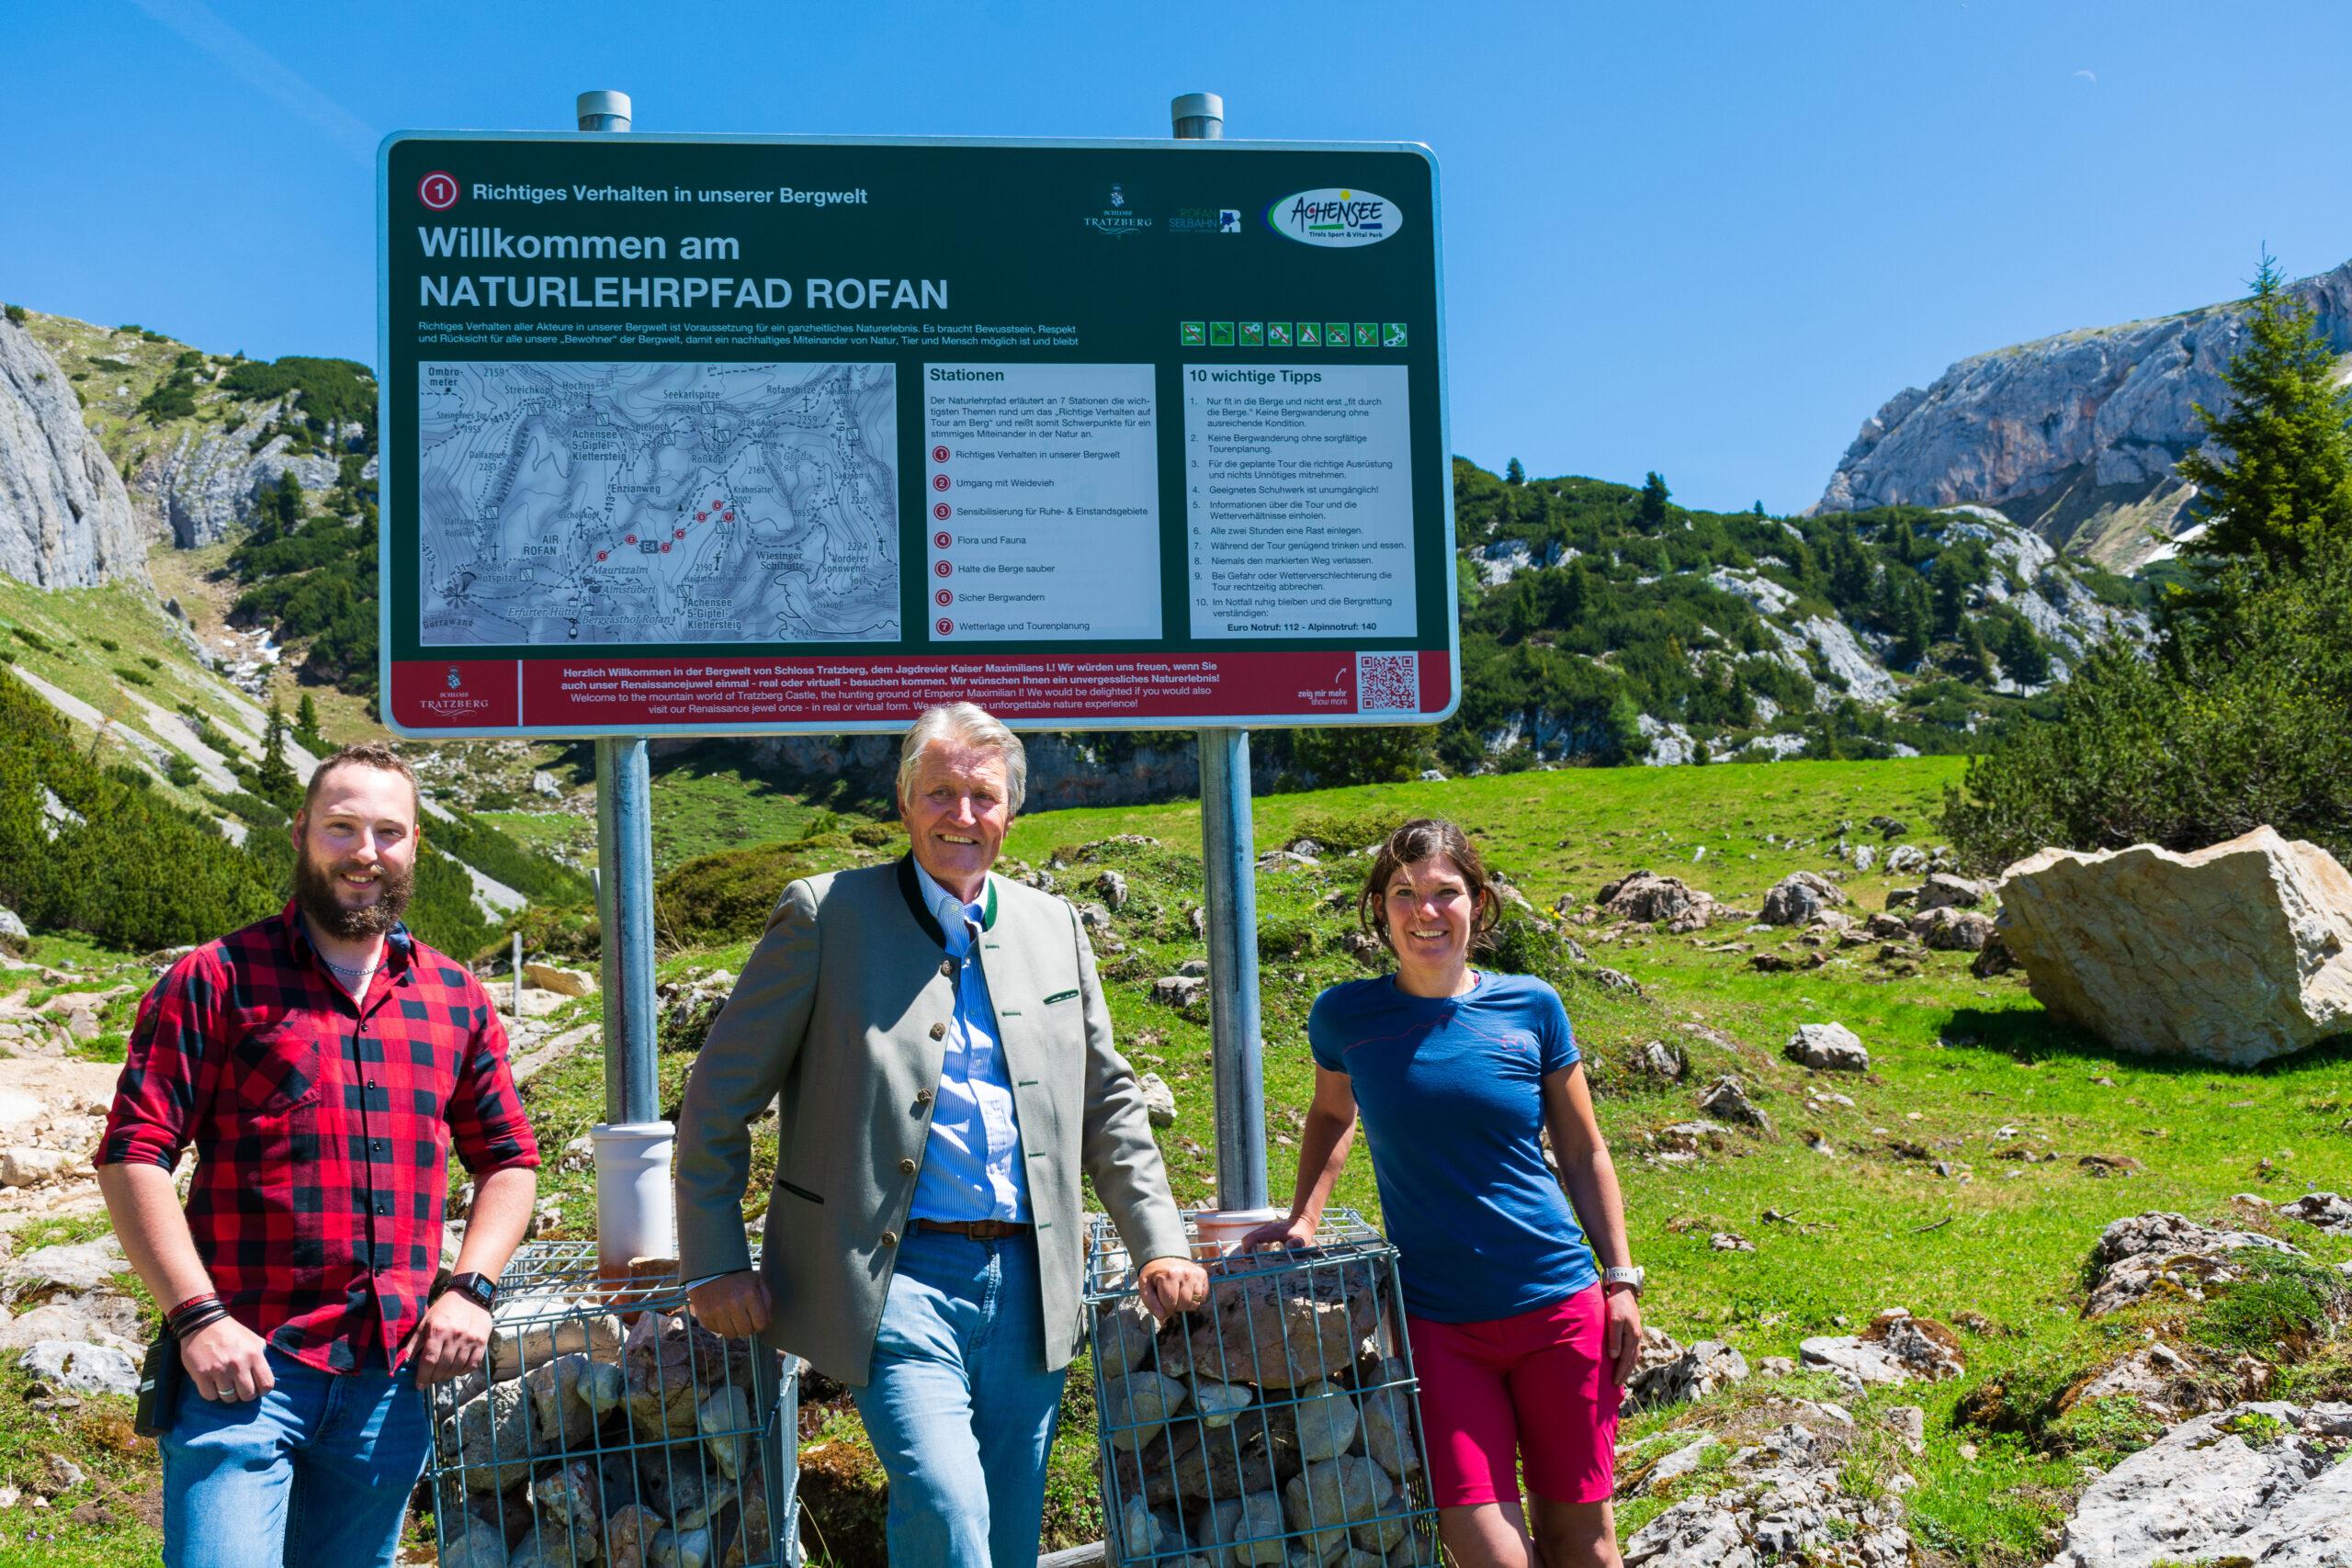 Freuen sich über die Fertigstellung des Naturlehrpfades Rofan (v.l.) Christoph Gürtler (Rofan Seilbahn AG), Ulrich Goëss-Enzenberg (Grundstückseigentümer) und Maria Wirtenberger (Achensee Tourismus).